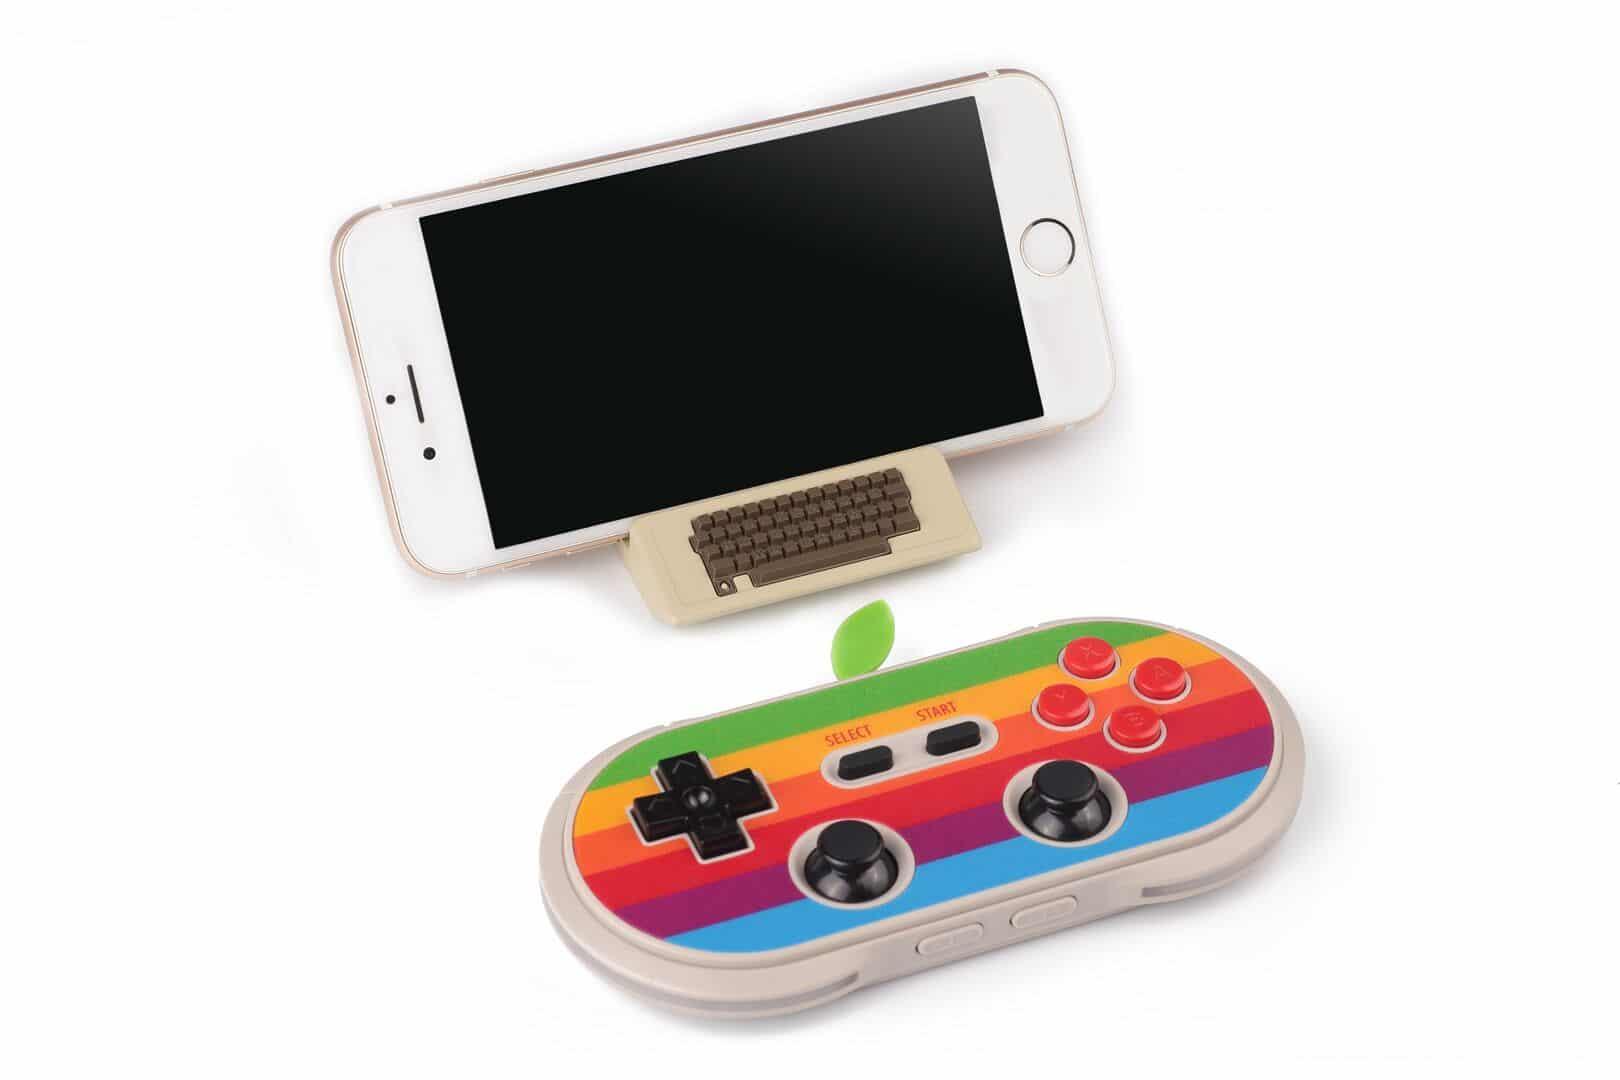 Controller und Halterung für mobile Geräte. (Foto: 8Bitdo)